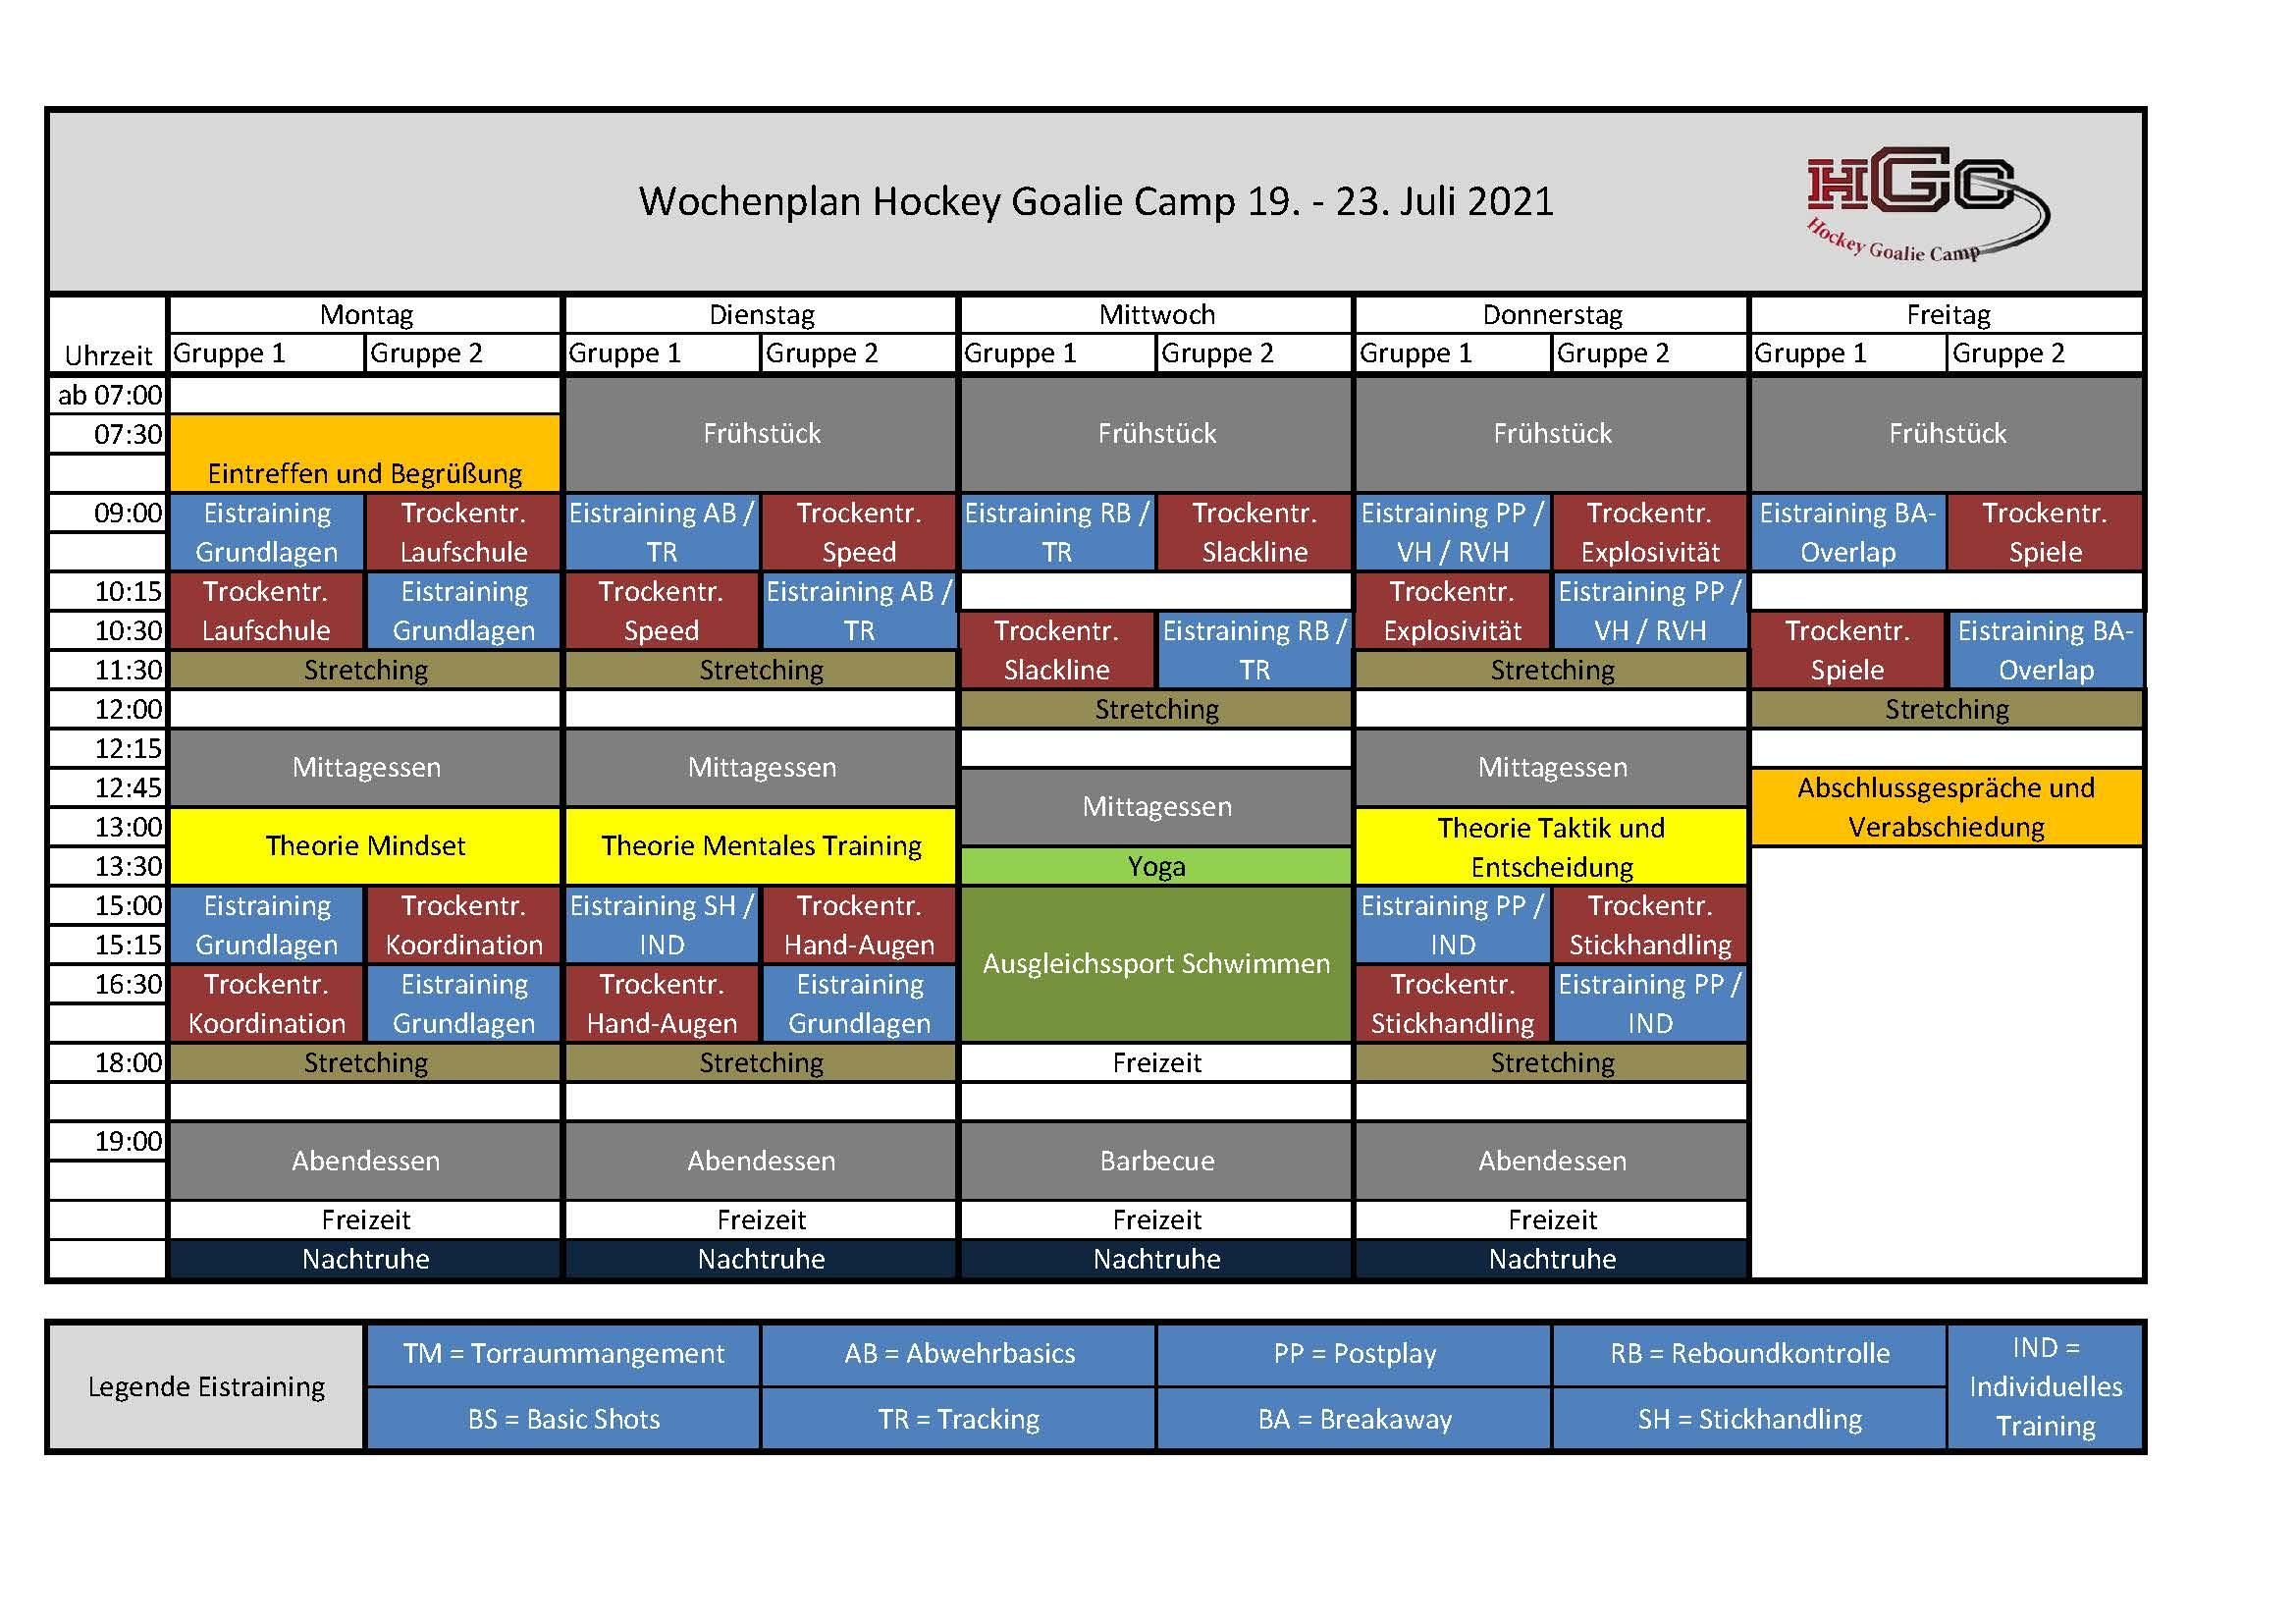 Wochenplan HockeyGoalieCamp 2021